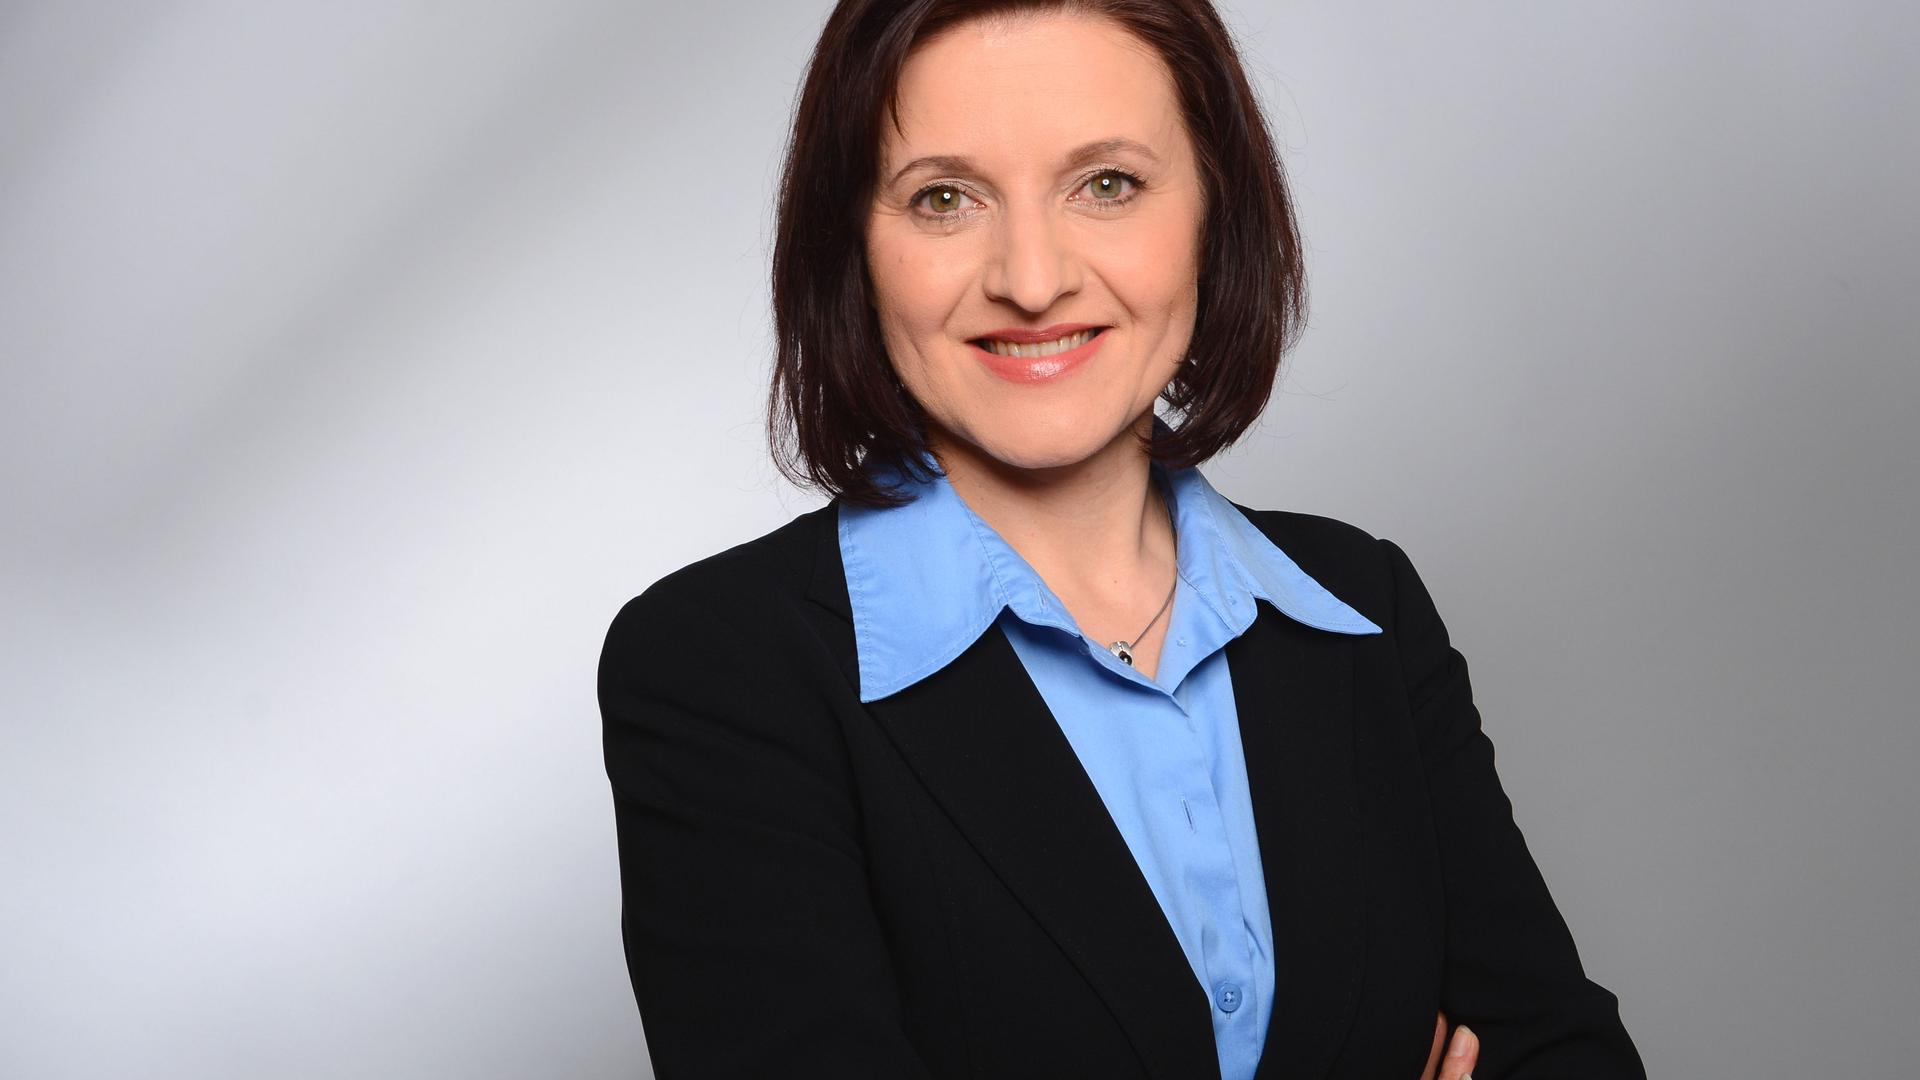 Veronika Laukart, Bürgermeisterin von Au am Rhein